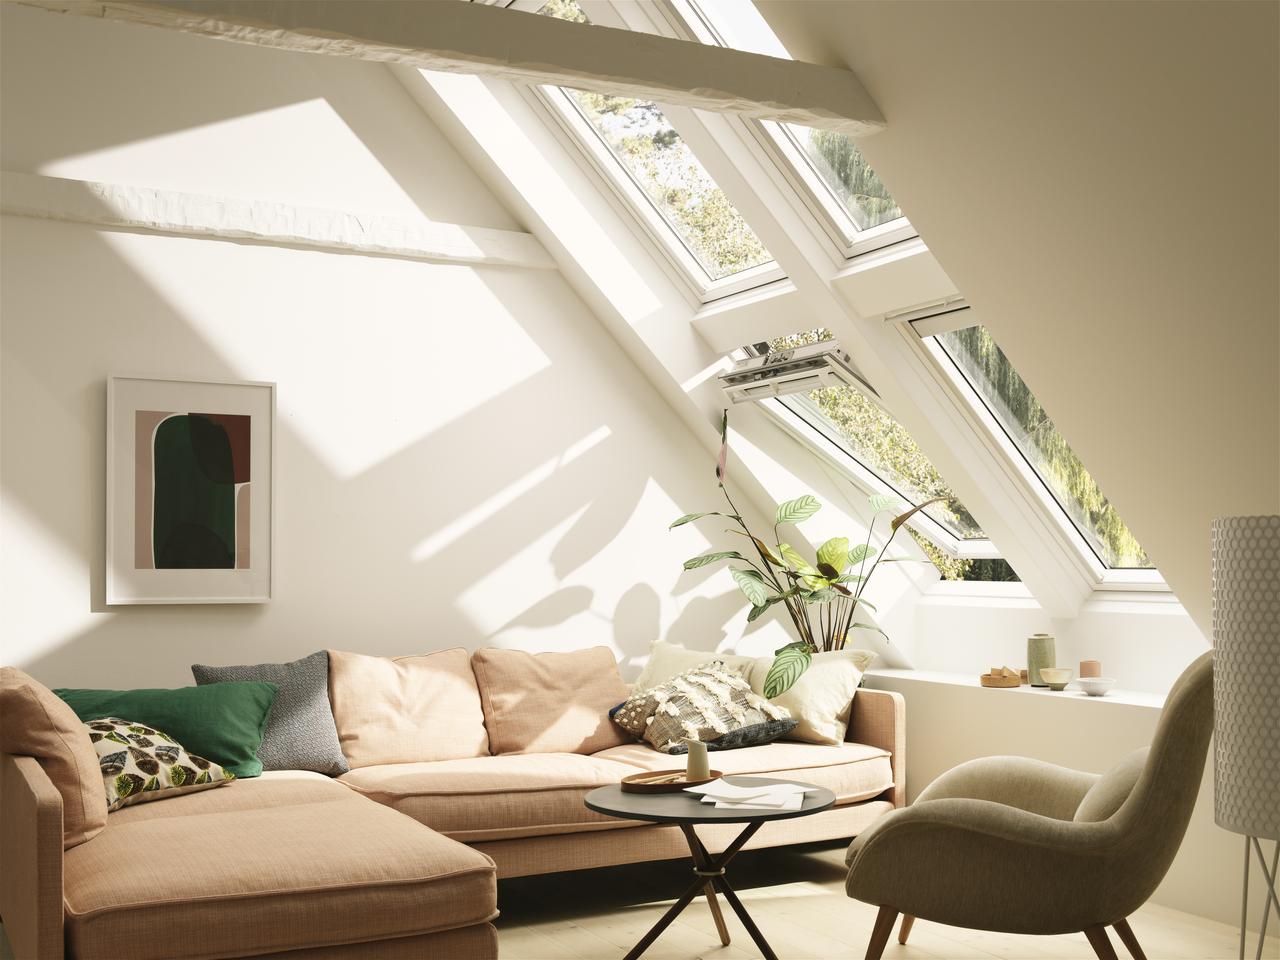 Idee per arredare il soggiorno in modo elegante ed - Arredare casa in modo economico ...